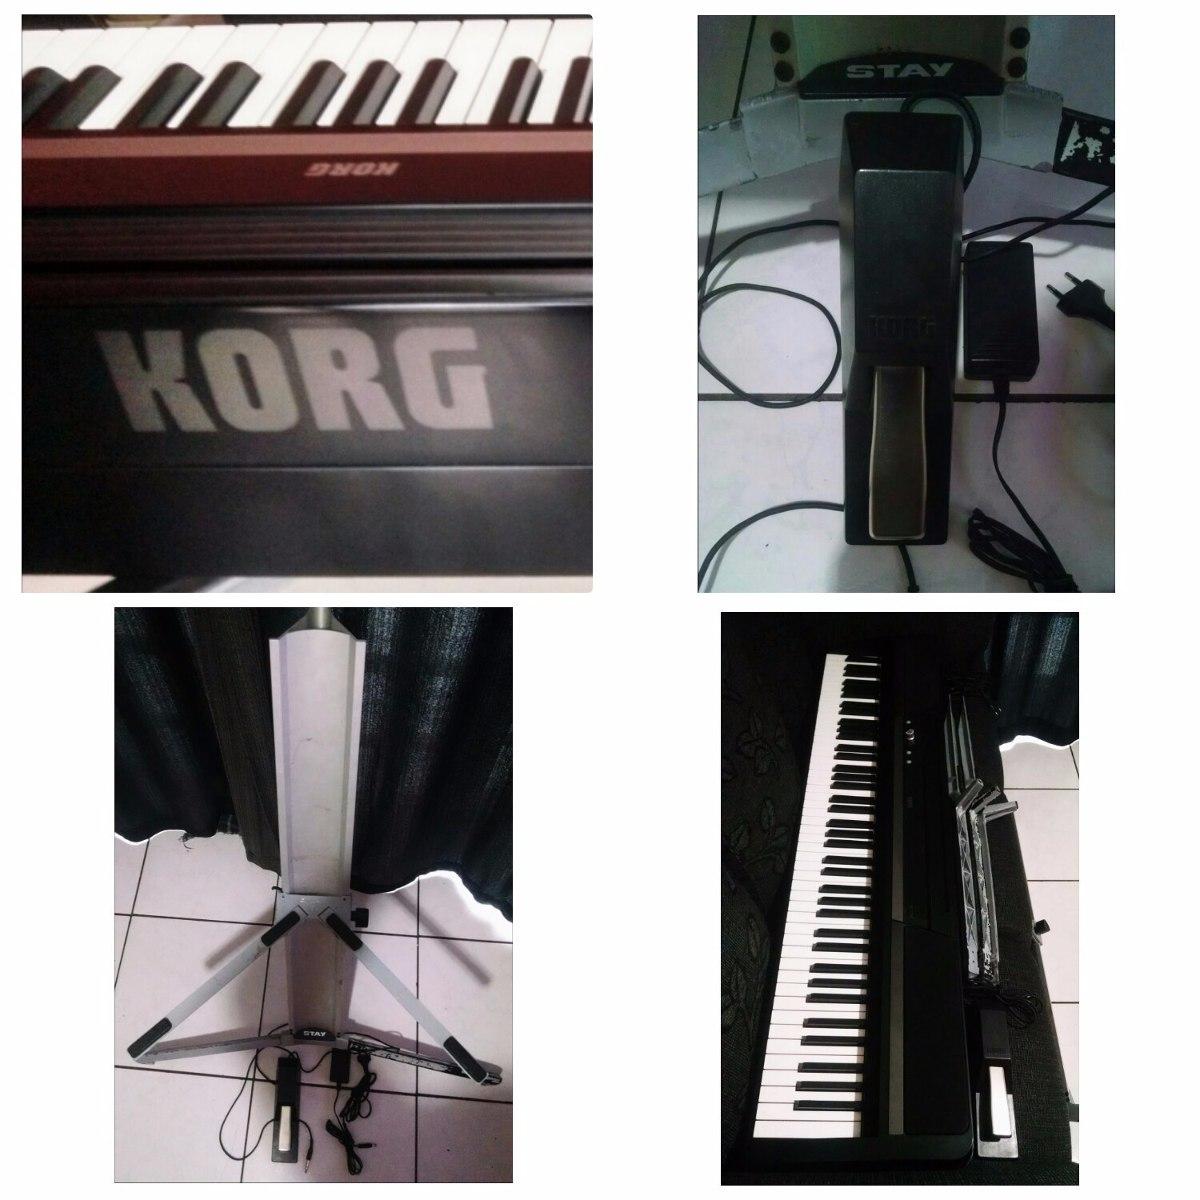 piano digital korg sp 170s r em mercado livre. Black Bedroom Furniture Sets. Home Design Ideas